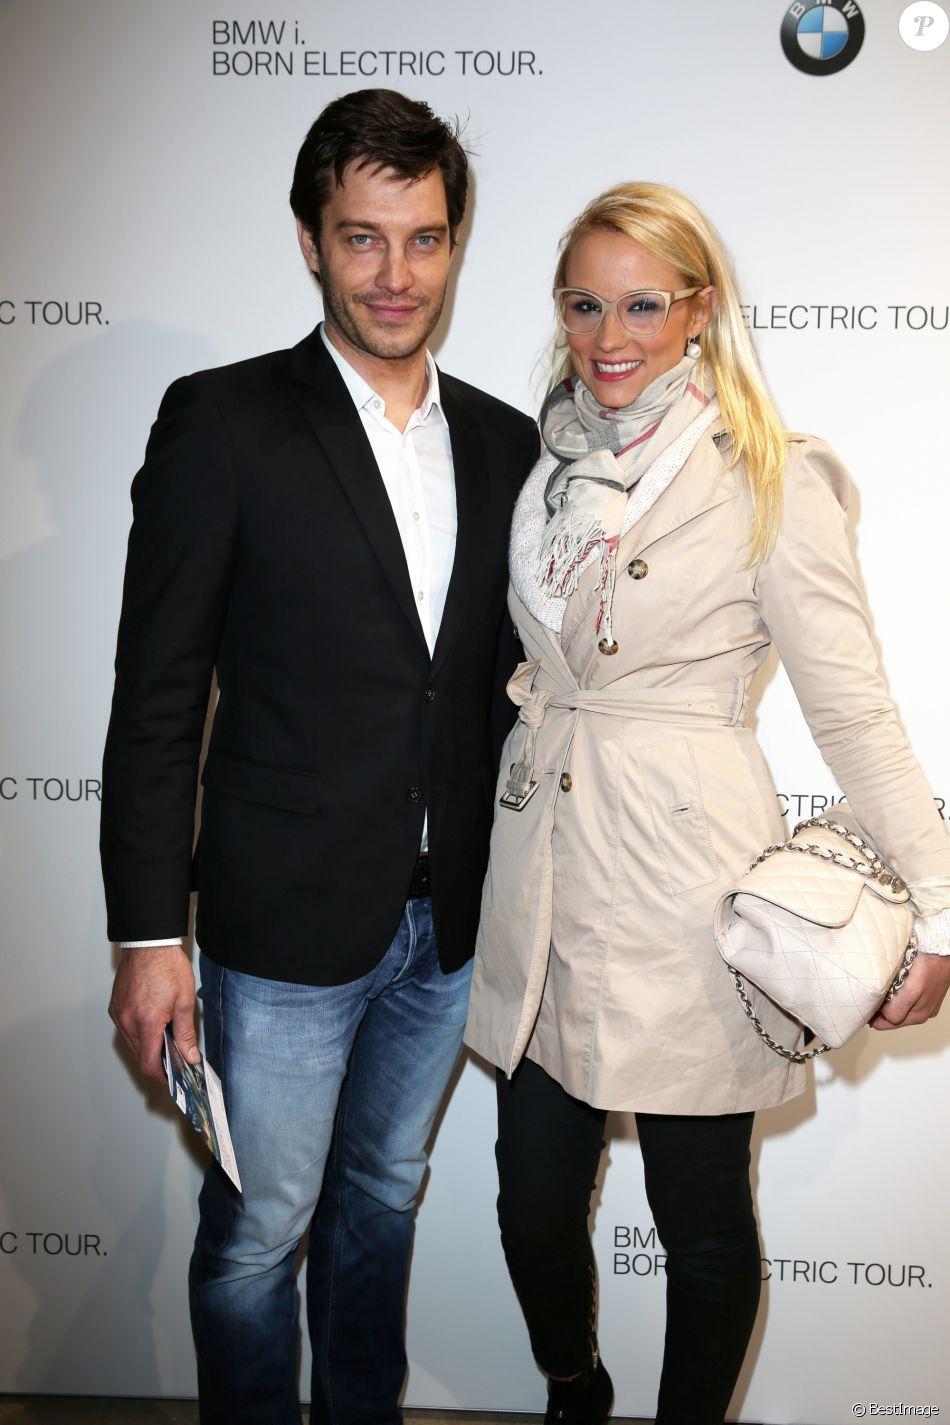 Elodie gossuin et son mari bertrand lacherie bmw i tour a paris le 3 avril 2013 - Elodie gossuin et bertrand lacherie ...